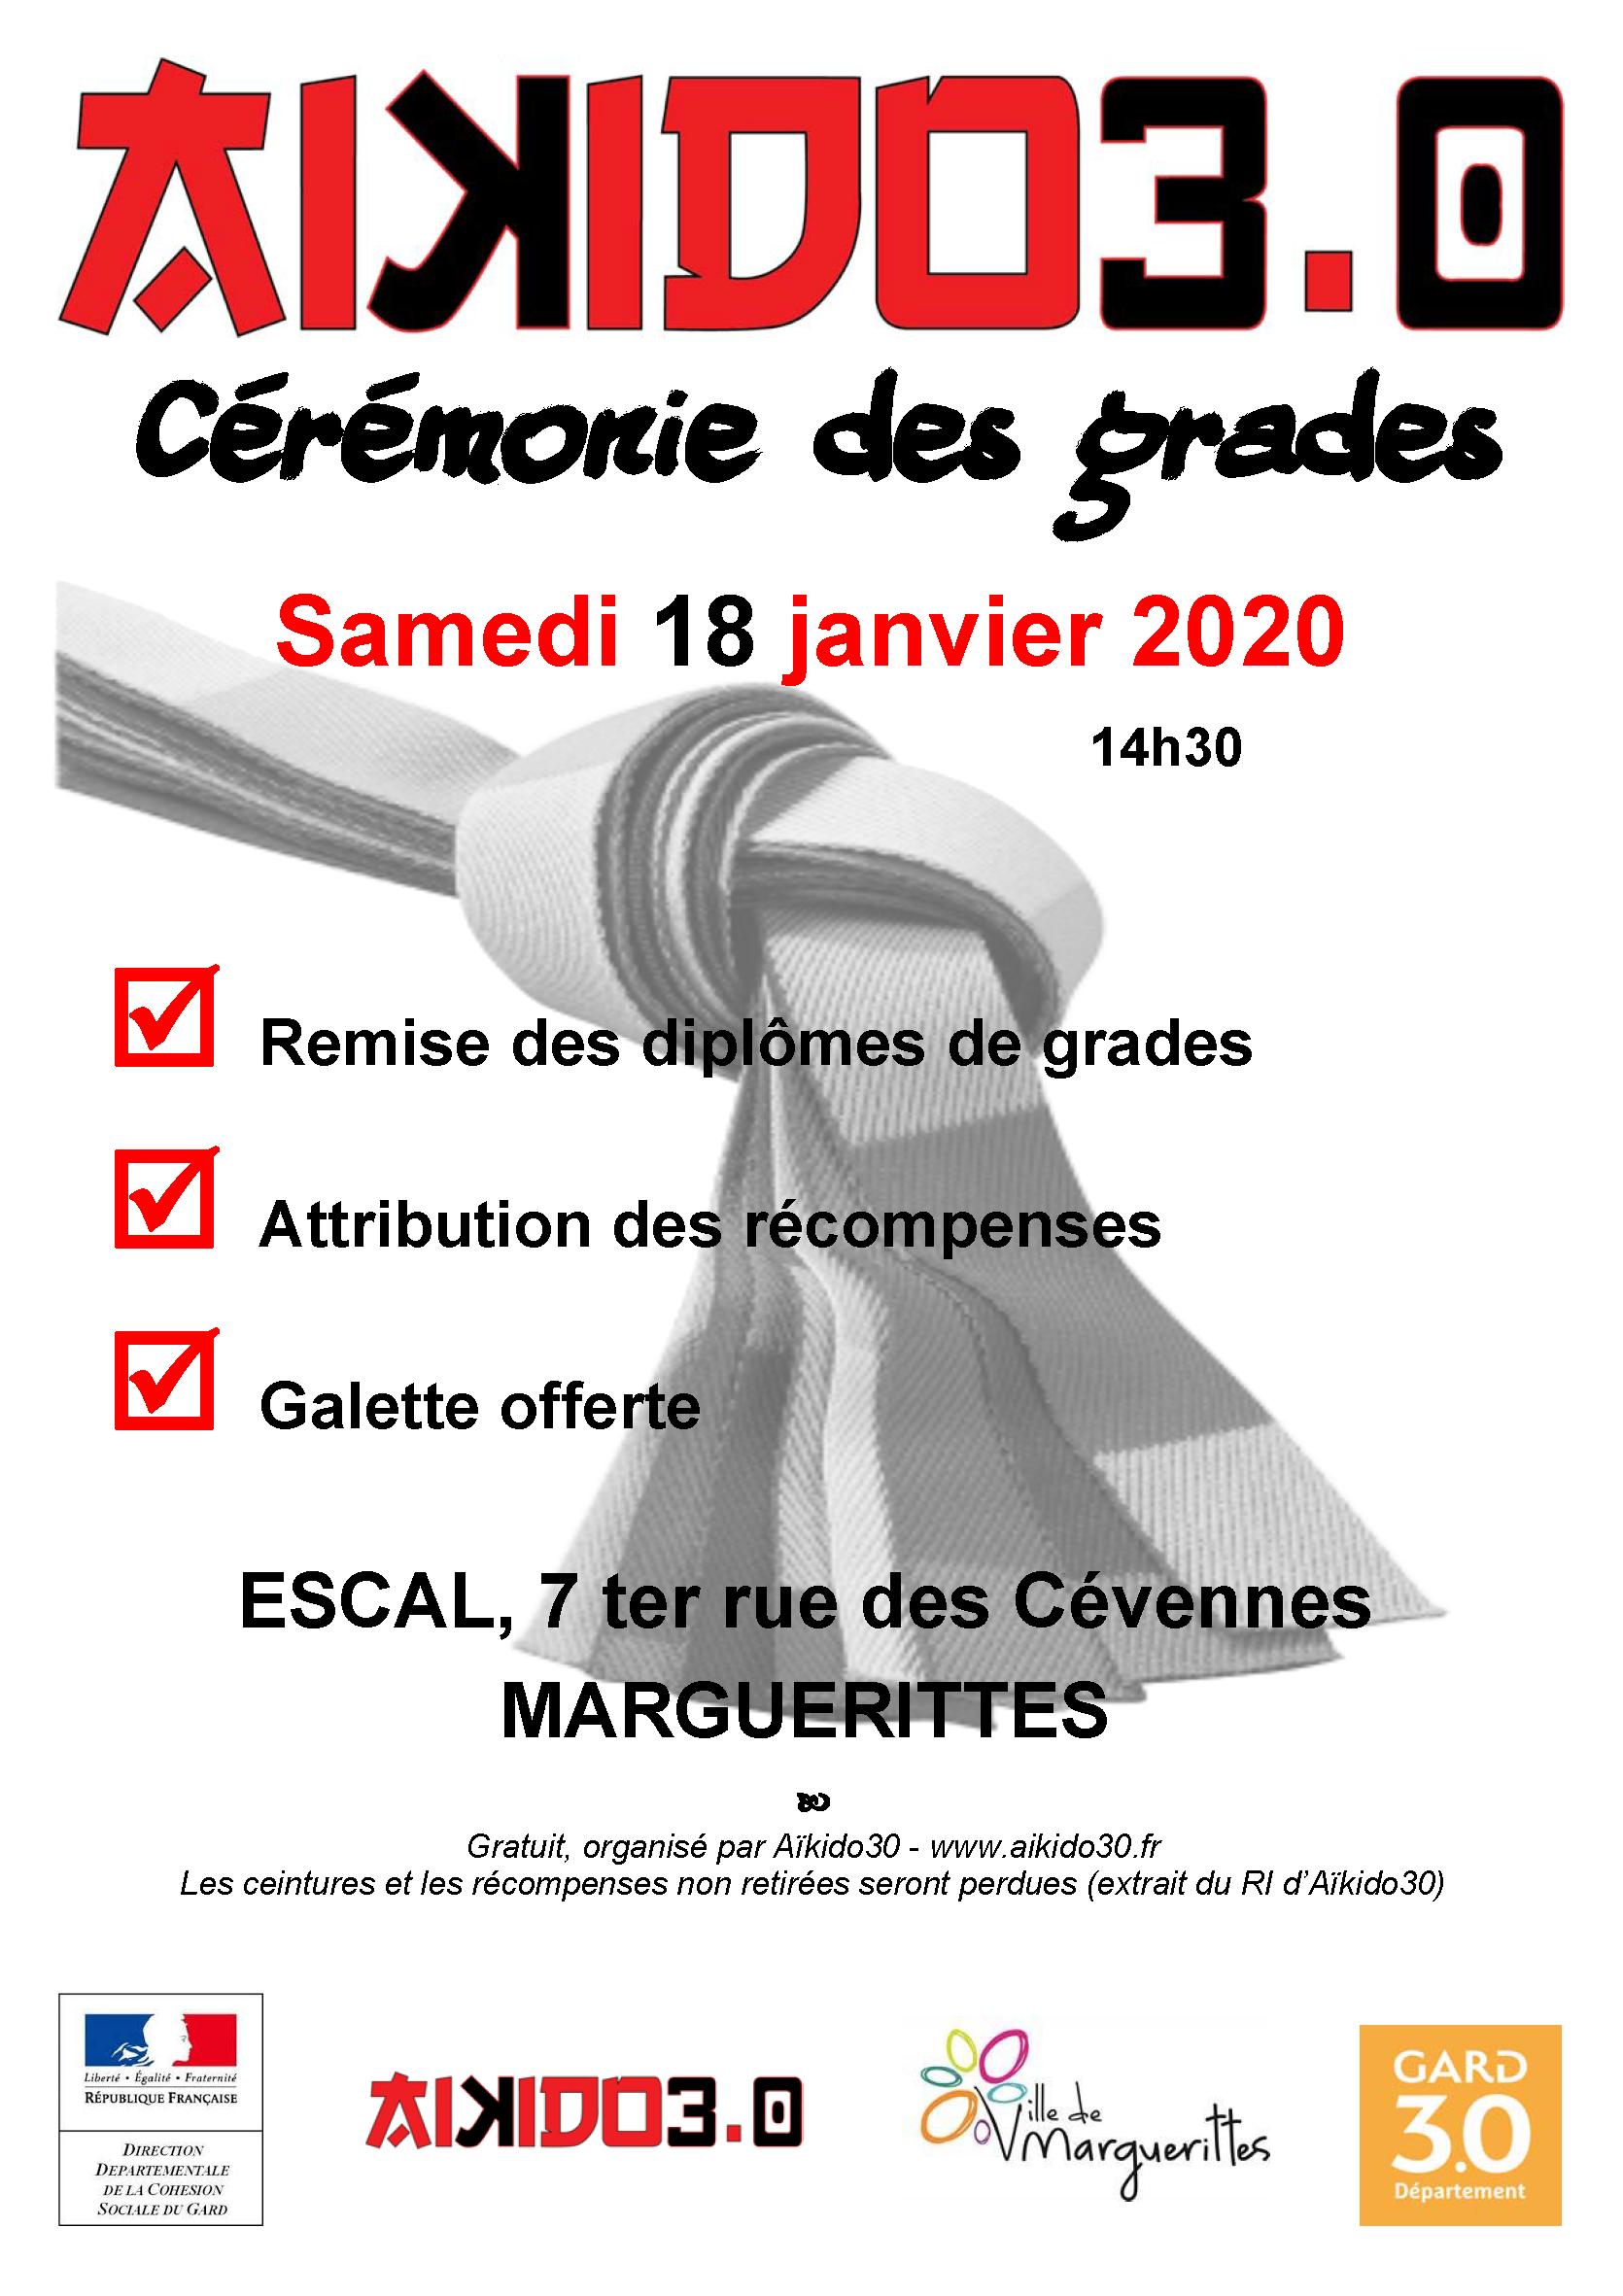 Cérémonie des grades A30 samedi 18 janvier à Marguerittes